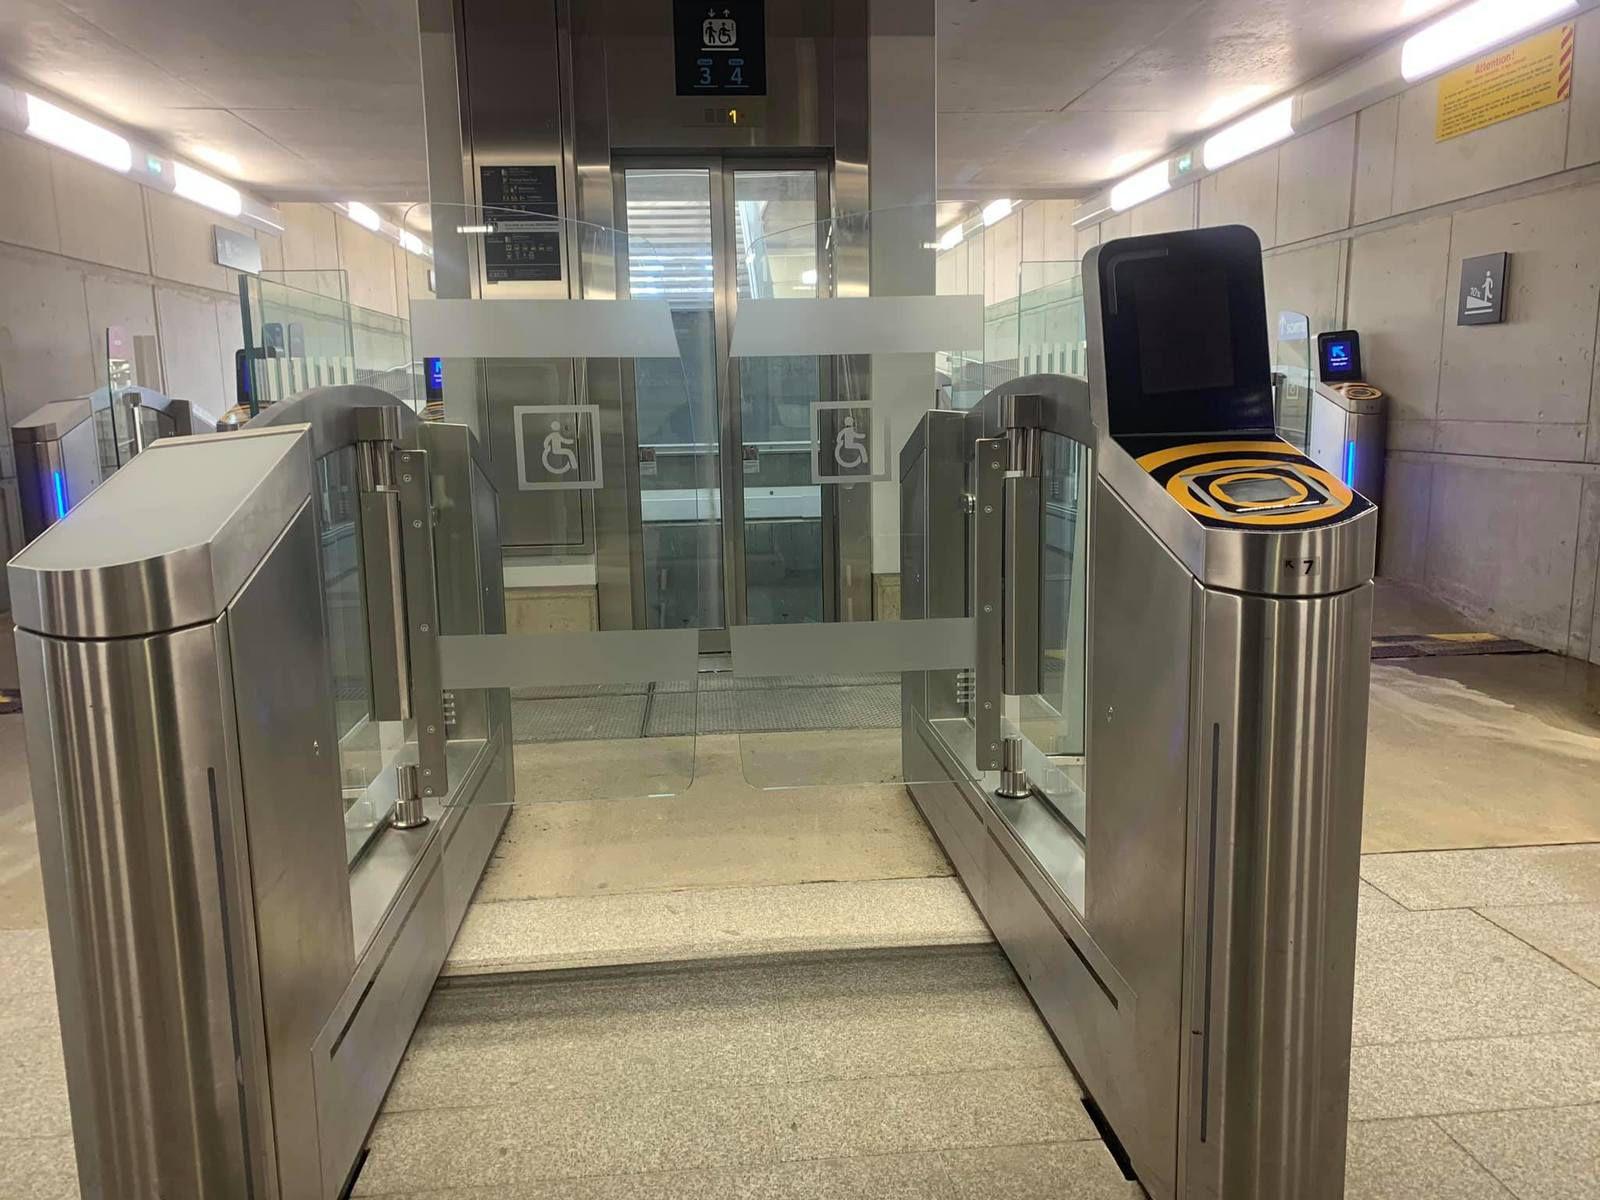 Je ne sais pas si les portillons dans le métro rennais seront identiques, mais utiliser les portillons SNCF de manière autonome (sans aide humaine) pour moi c'est pas possible.